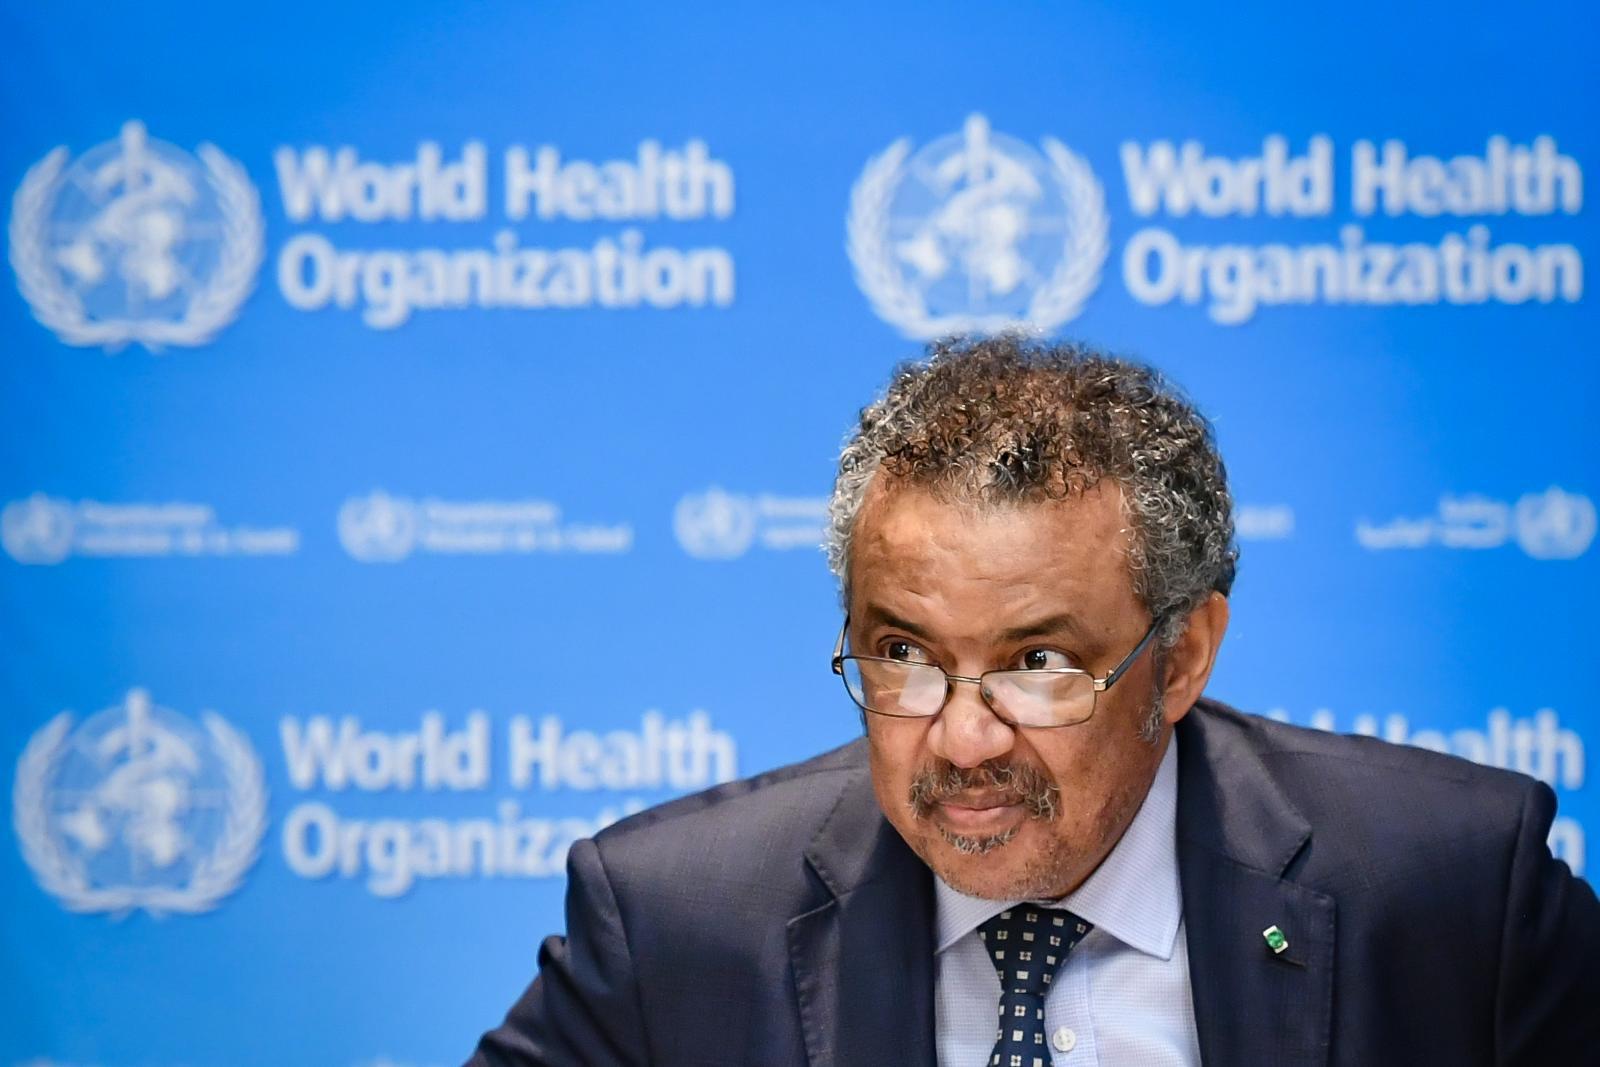 """ผอ.องค์การอนามัยโลก บินด่วน ถกรัฐบาลจีน รับมือ """"ไวรัสโคโรนา"""" แพร่ระบาด"""